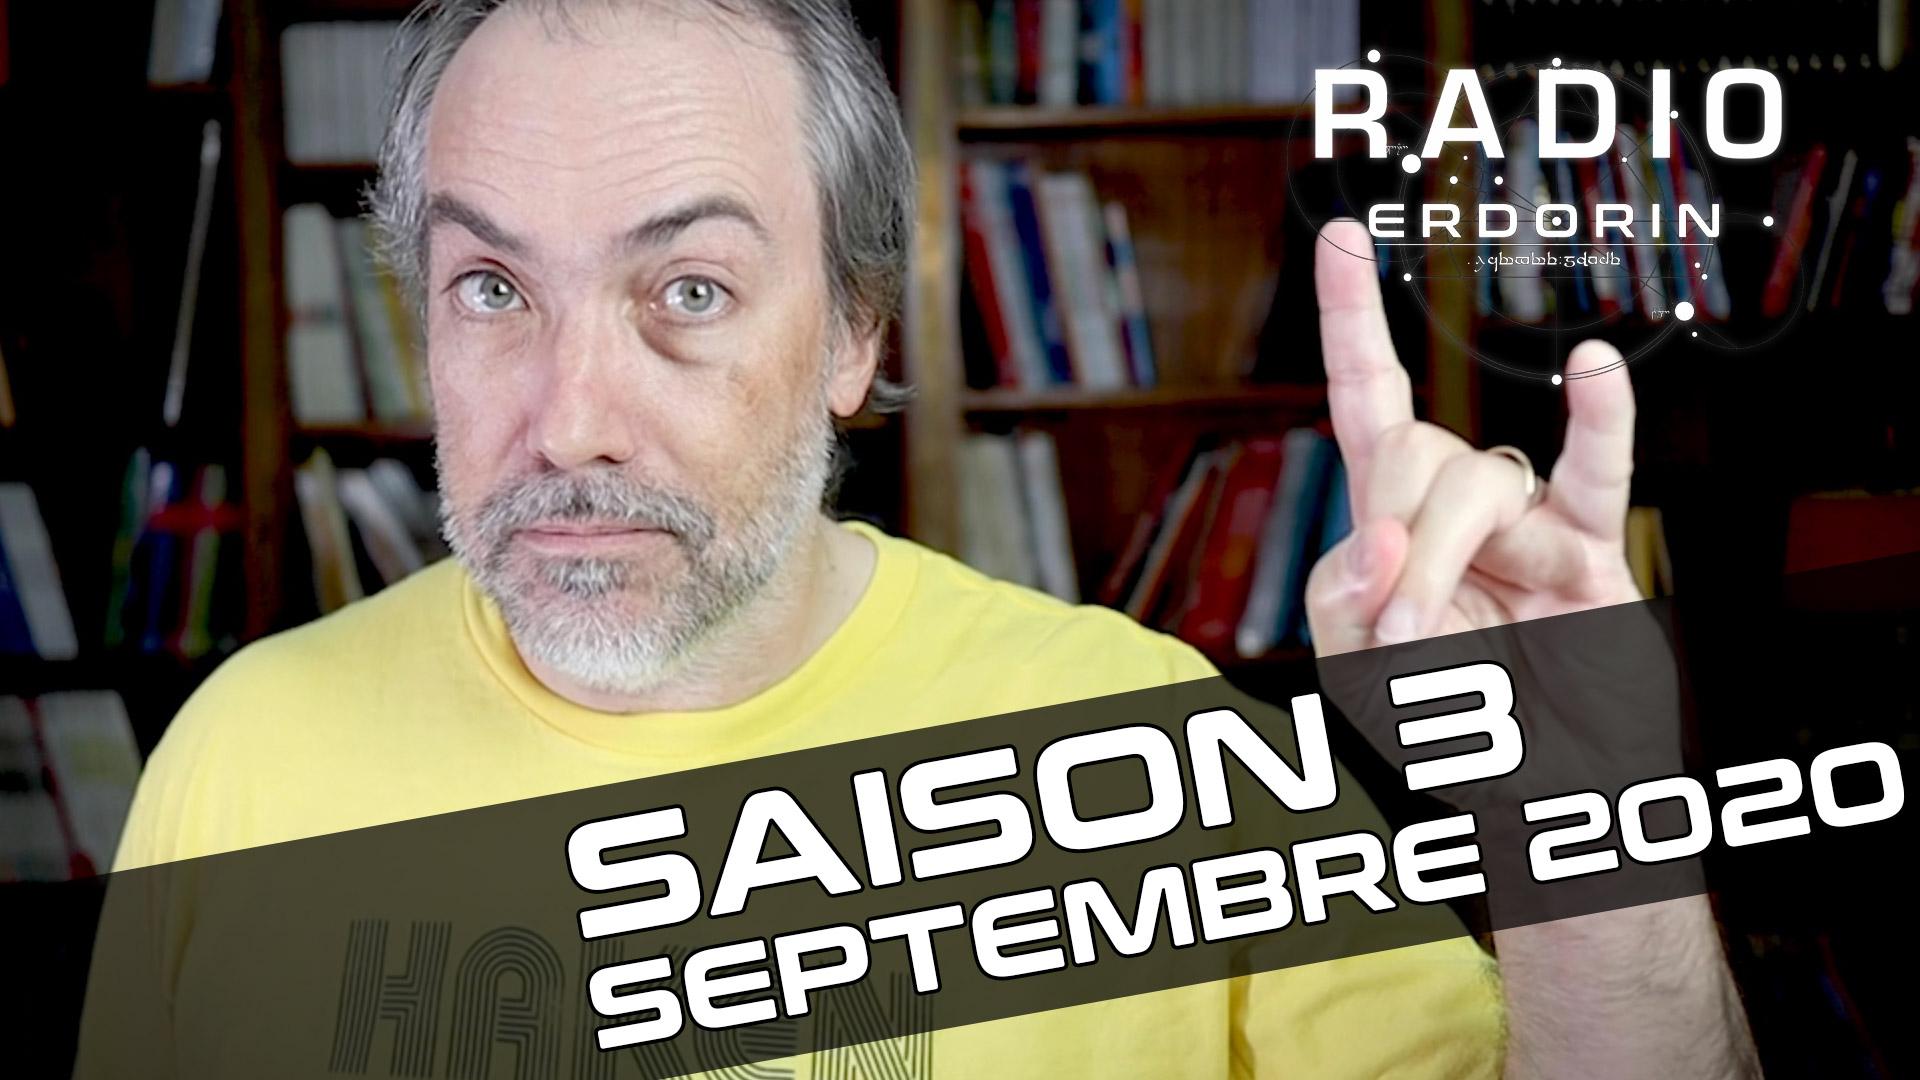 Radio-Erdorin S3E9 – Septembre 2020